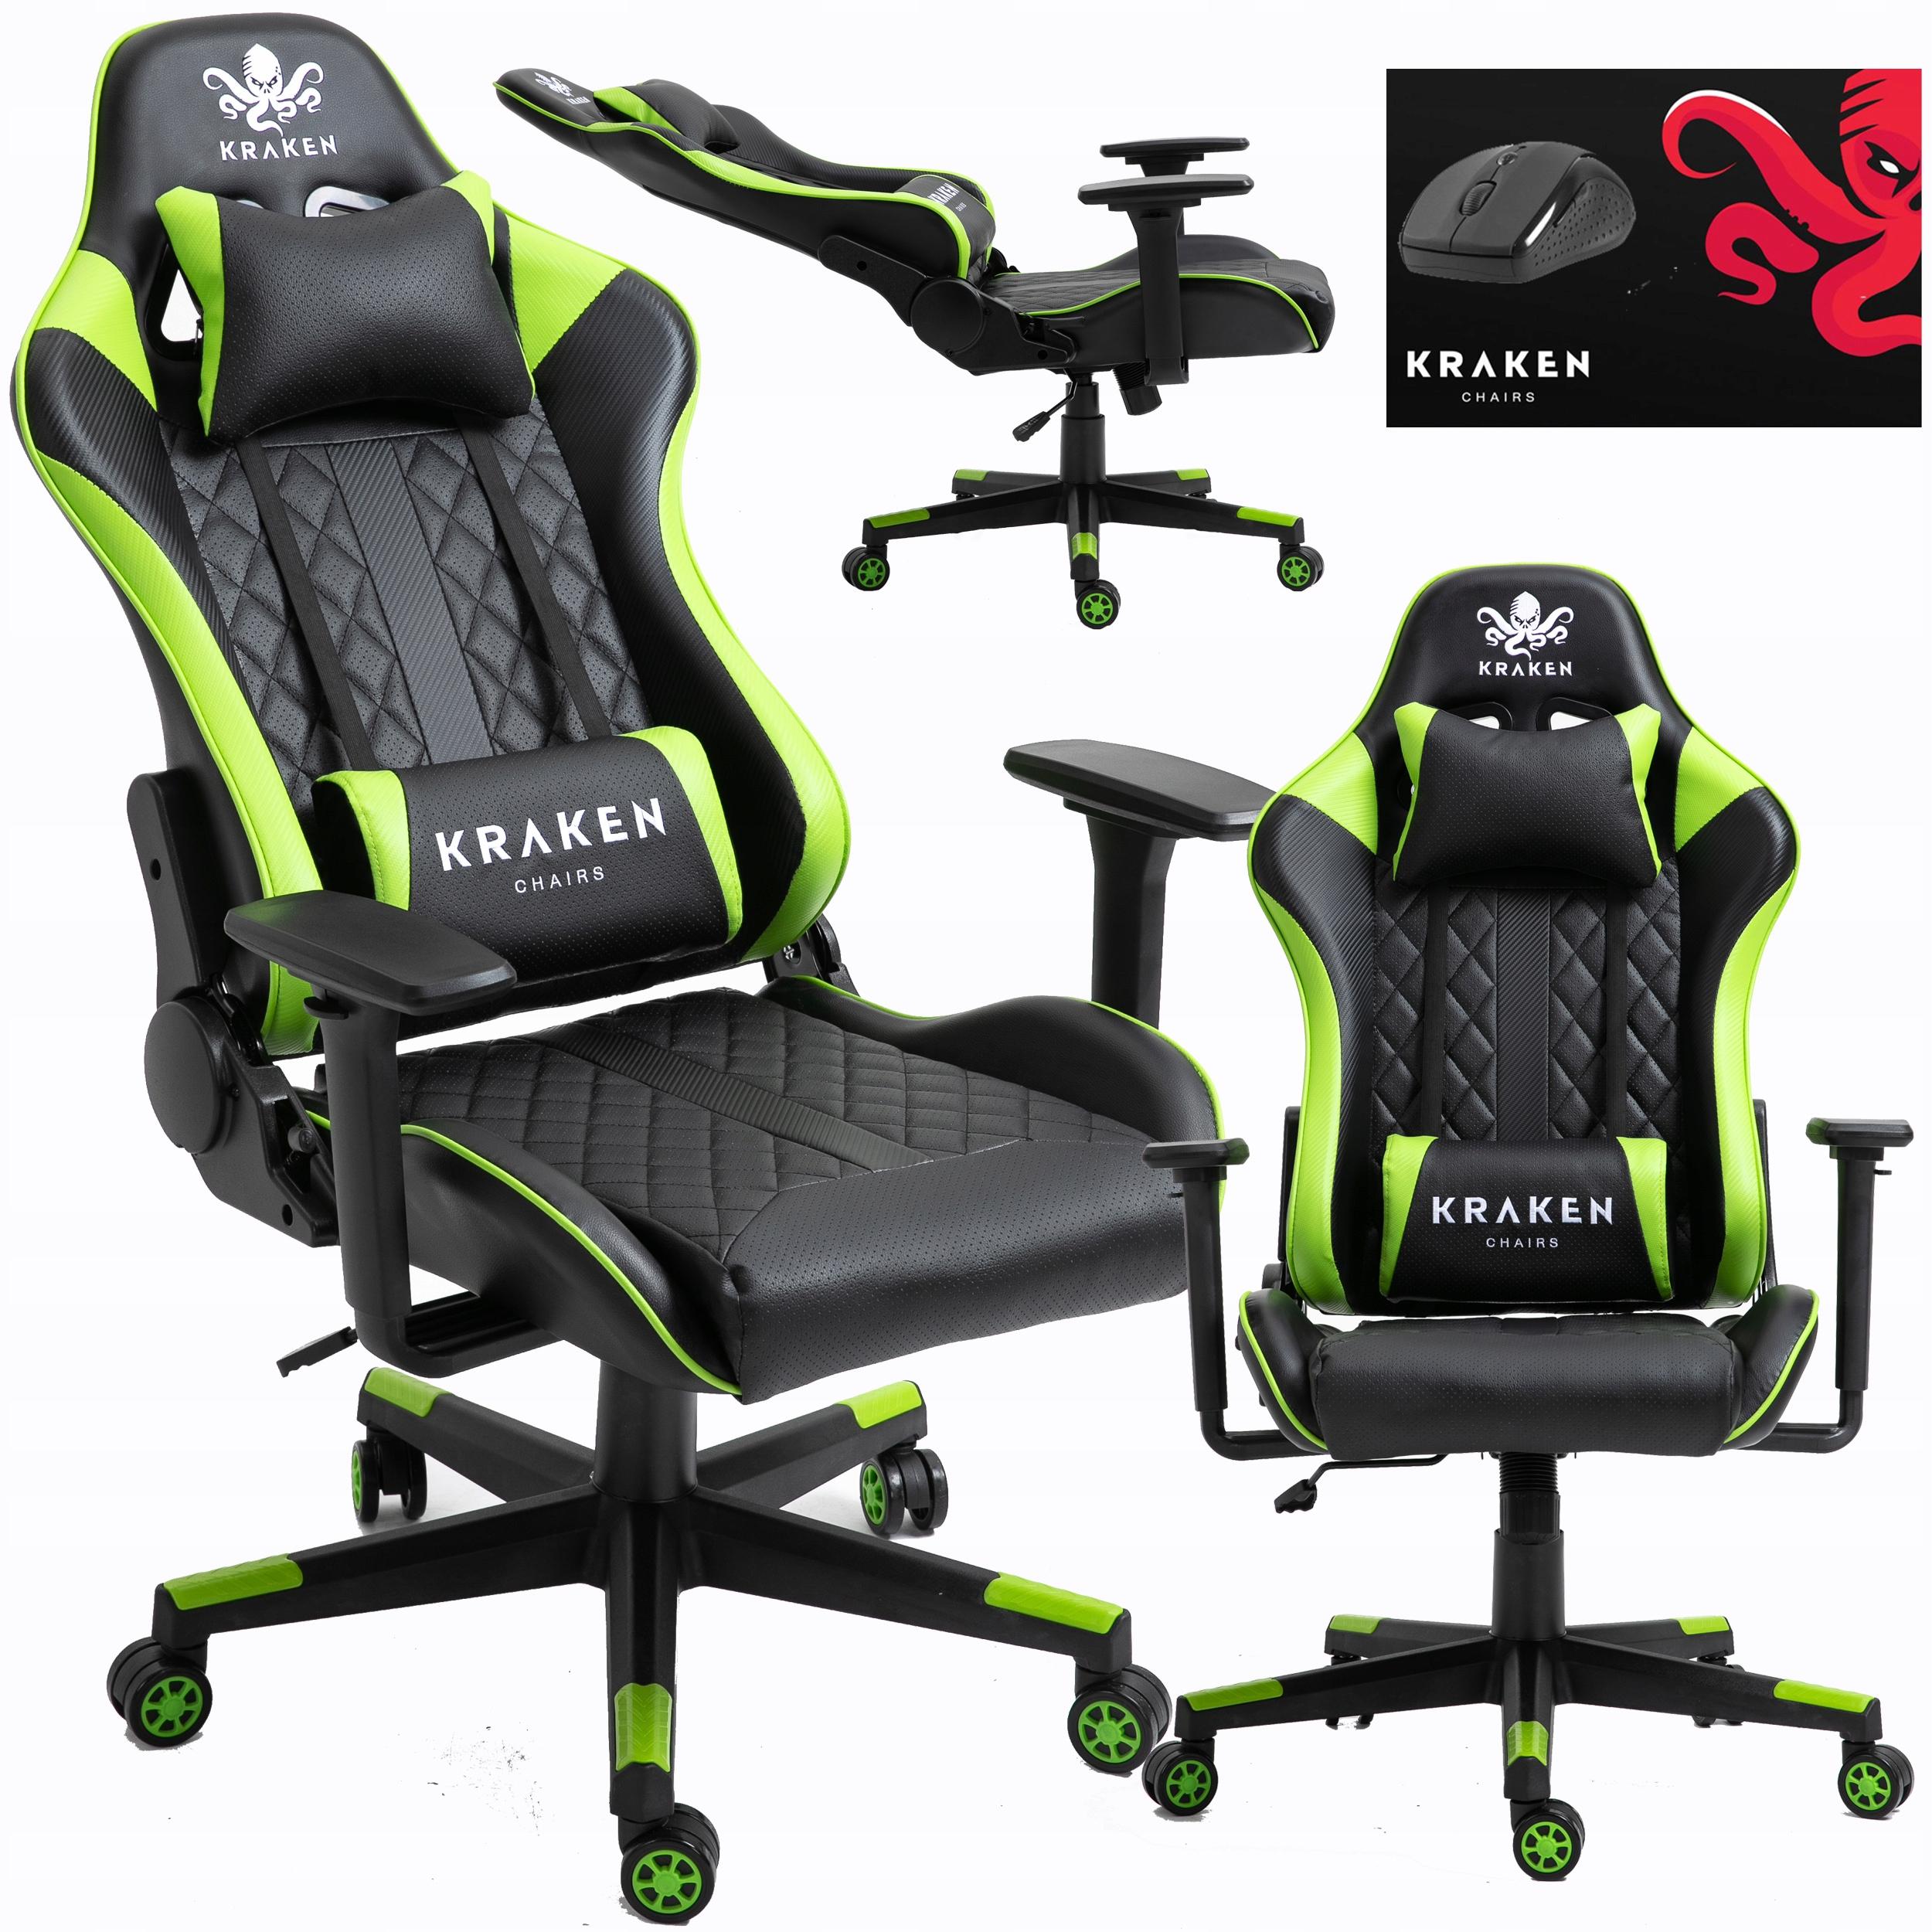 Fotel Biurowy Gamingowy Krzeslo Gracza Gratis 559 99 Zl Allegro Pl Raty 0 Darmowa Dostawa Ze Smart Zamosc Stan Nowy Id Oferty 8476348850